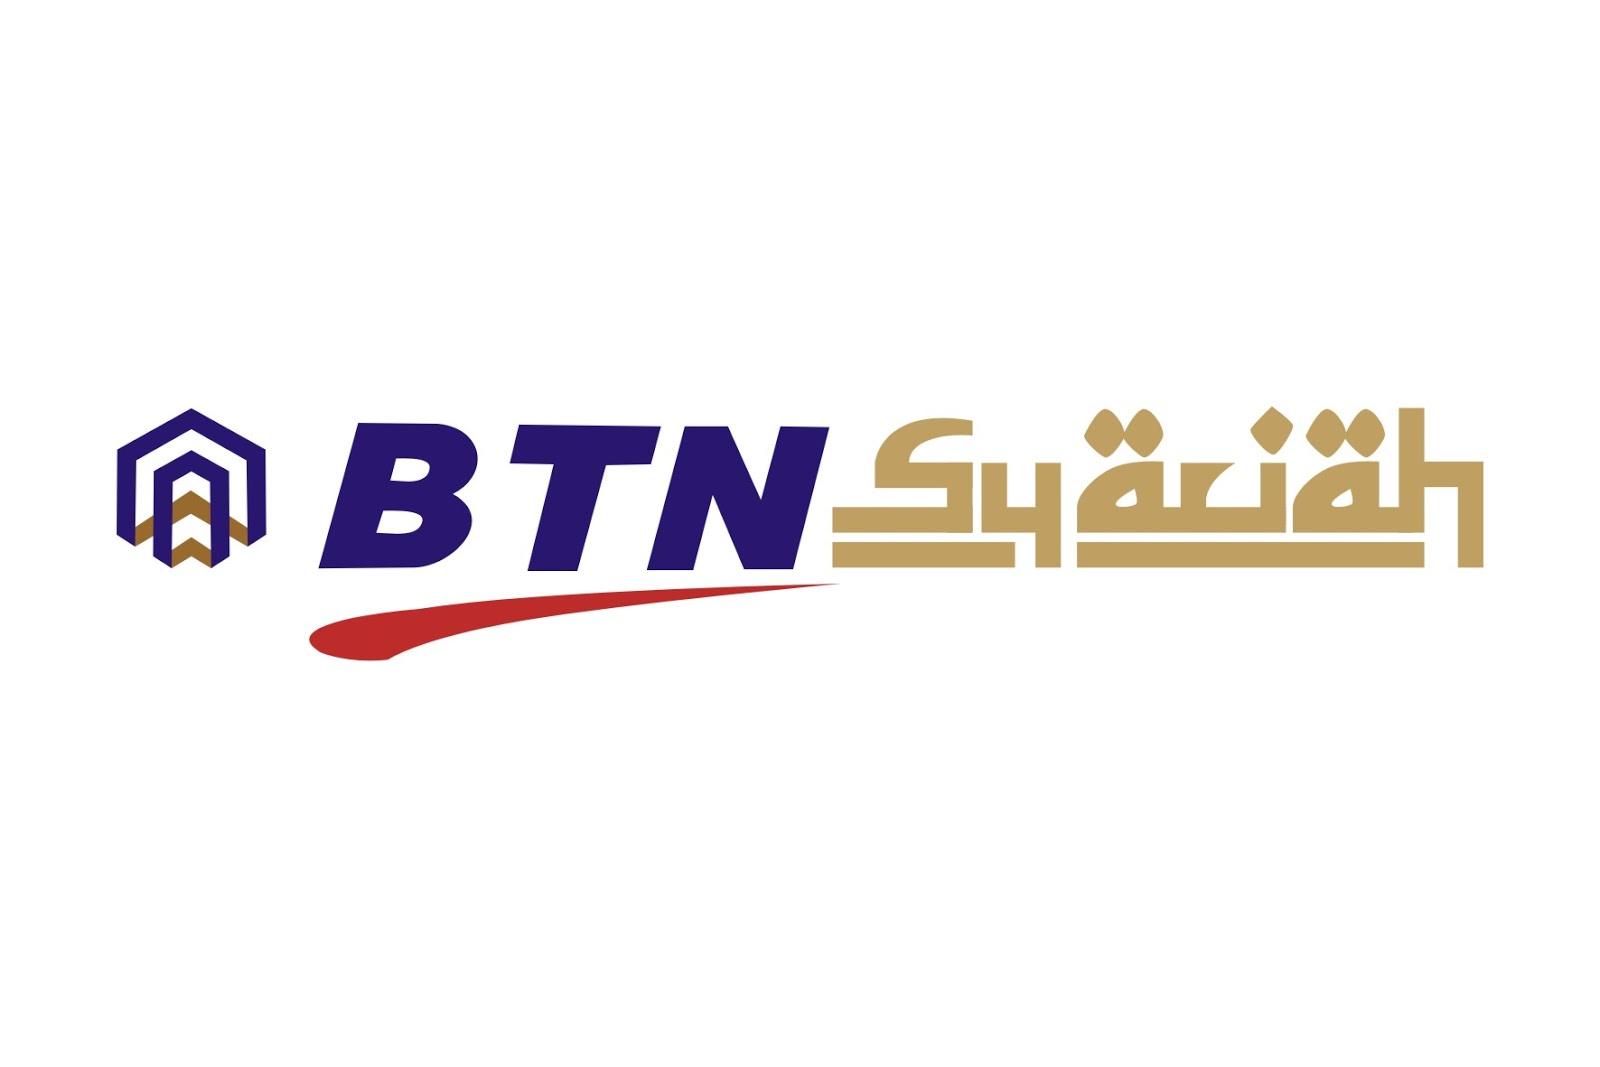 bank btn syariah logo bank btn syariah logo